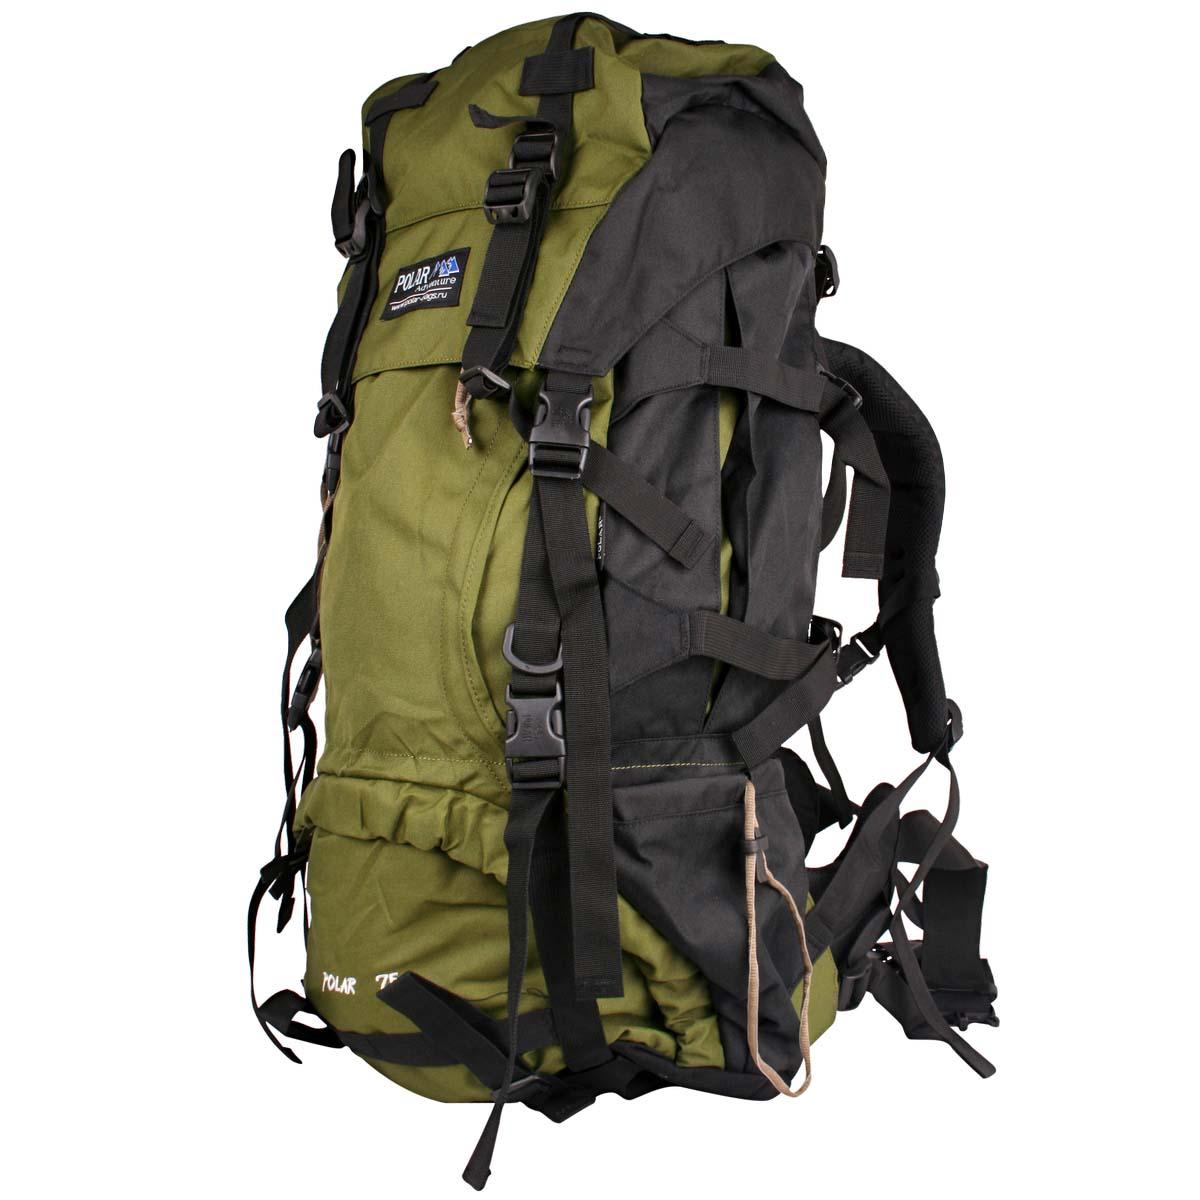 Рюкзак экспедиционный Polar, цвет: темно-зеленый, 70 л. П992-08KOC-H19-LEDТуристический рюкзак Polar - отлично оснащенный рюкзак для альпинизма и туризма. Двойной доступ к основному отделению, множество карманов для мелочей и документов, карабин для ключей, карман для мобильного. Возможность крепления на рюкзак дополнительного оборудования. Регулируемая грудная стяжка с фиксатором. Регулируемый по длине поясной ремень с карманами на змейке.Материал: Polyester PU 600D.